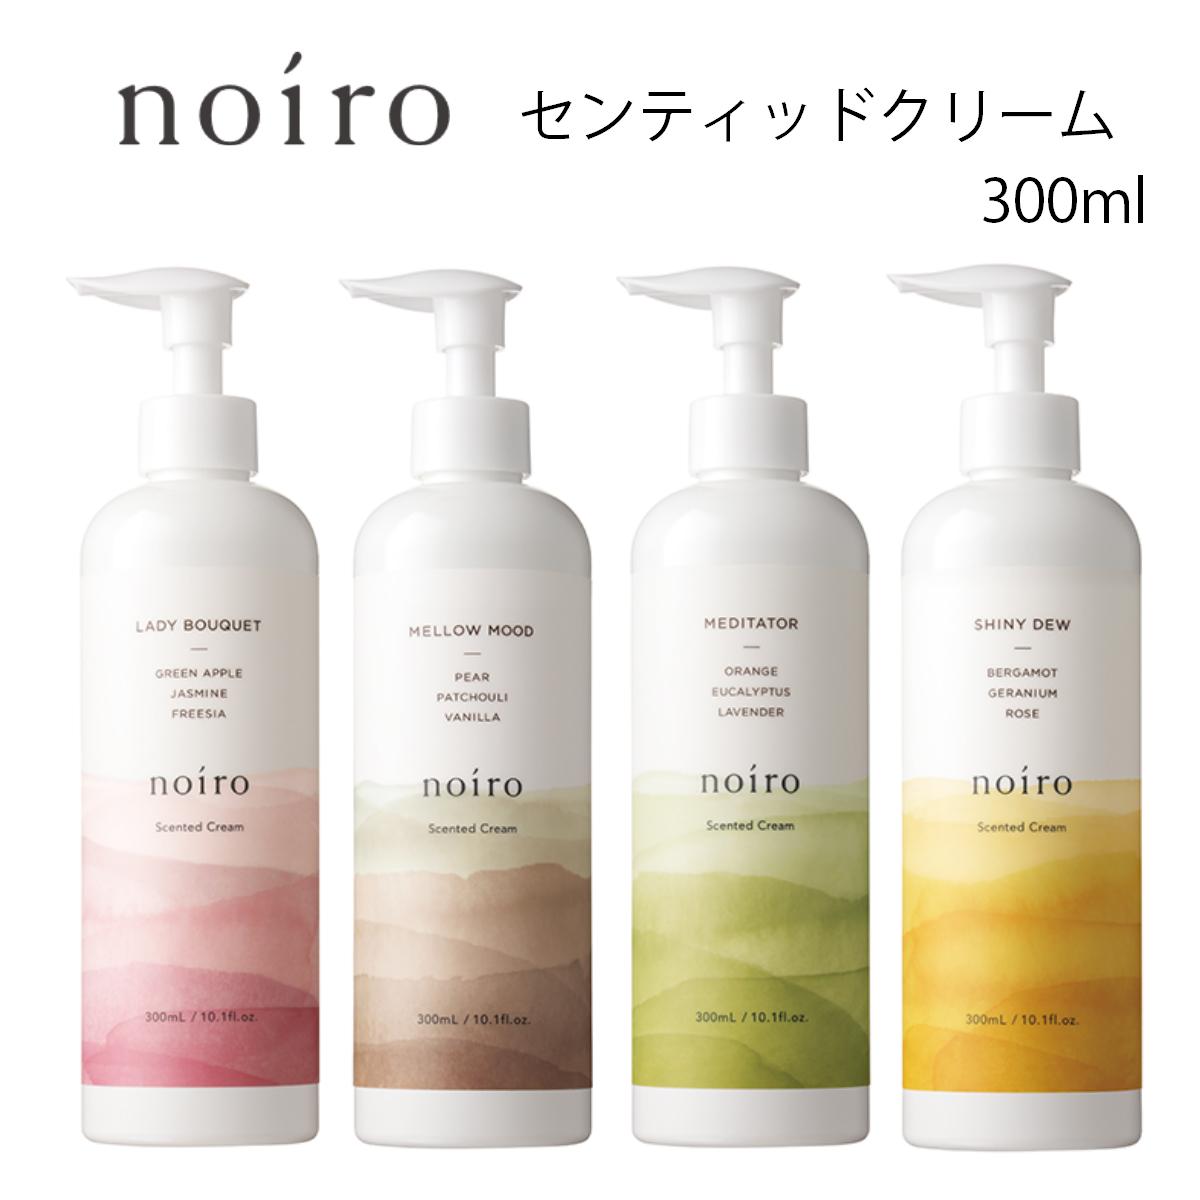 【宅配送料無料】noiro ノイロ センティッドクリーム 300ml ハンドクリーム ボディクリーム うるおい 香り